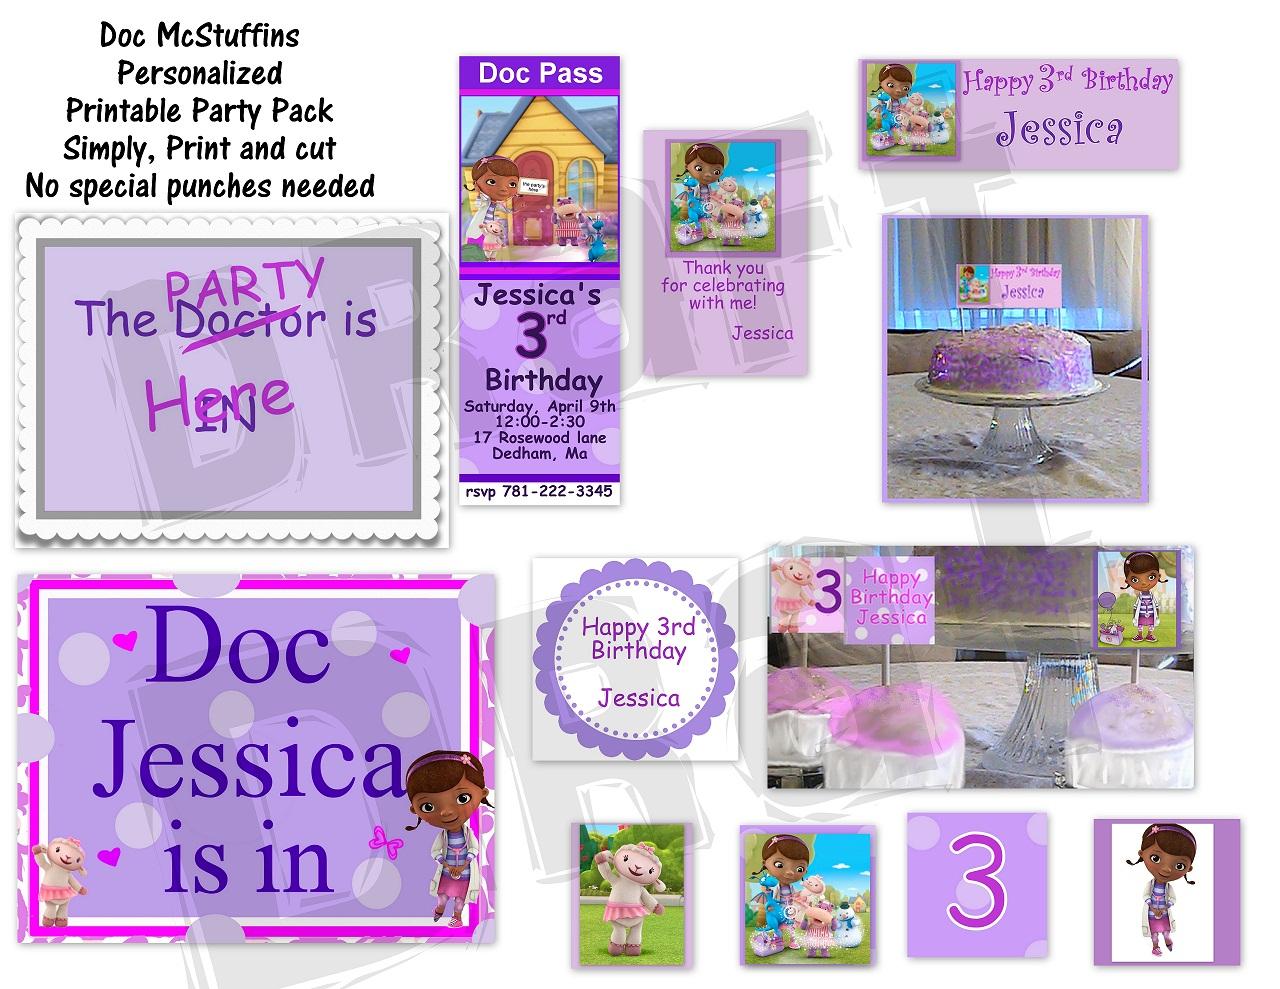 Partys4less Doc Mcstuffins Party Ideas